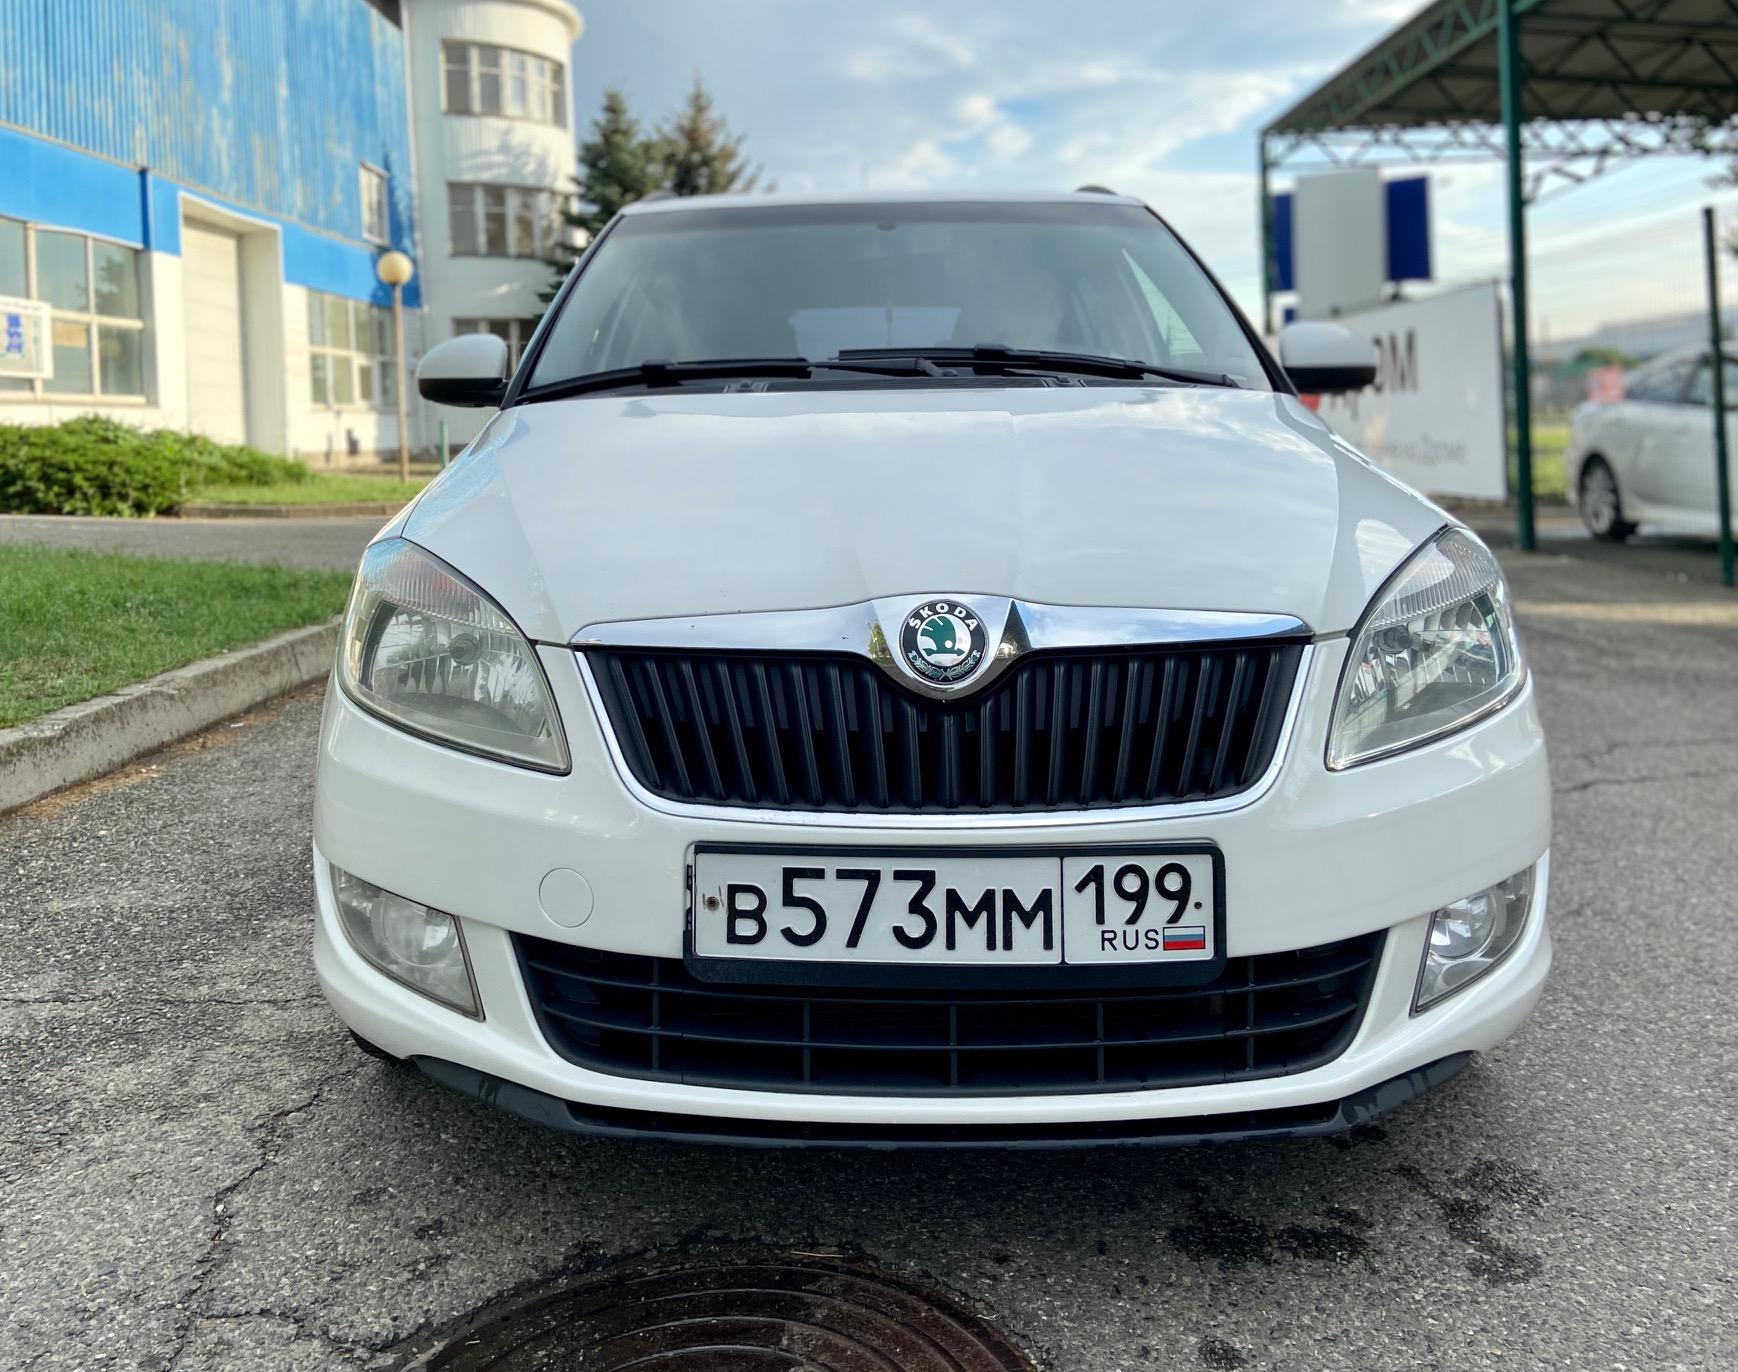 Купить Skoda Fabia (Белый) - Автопарк Ставрополь